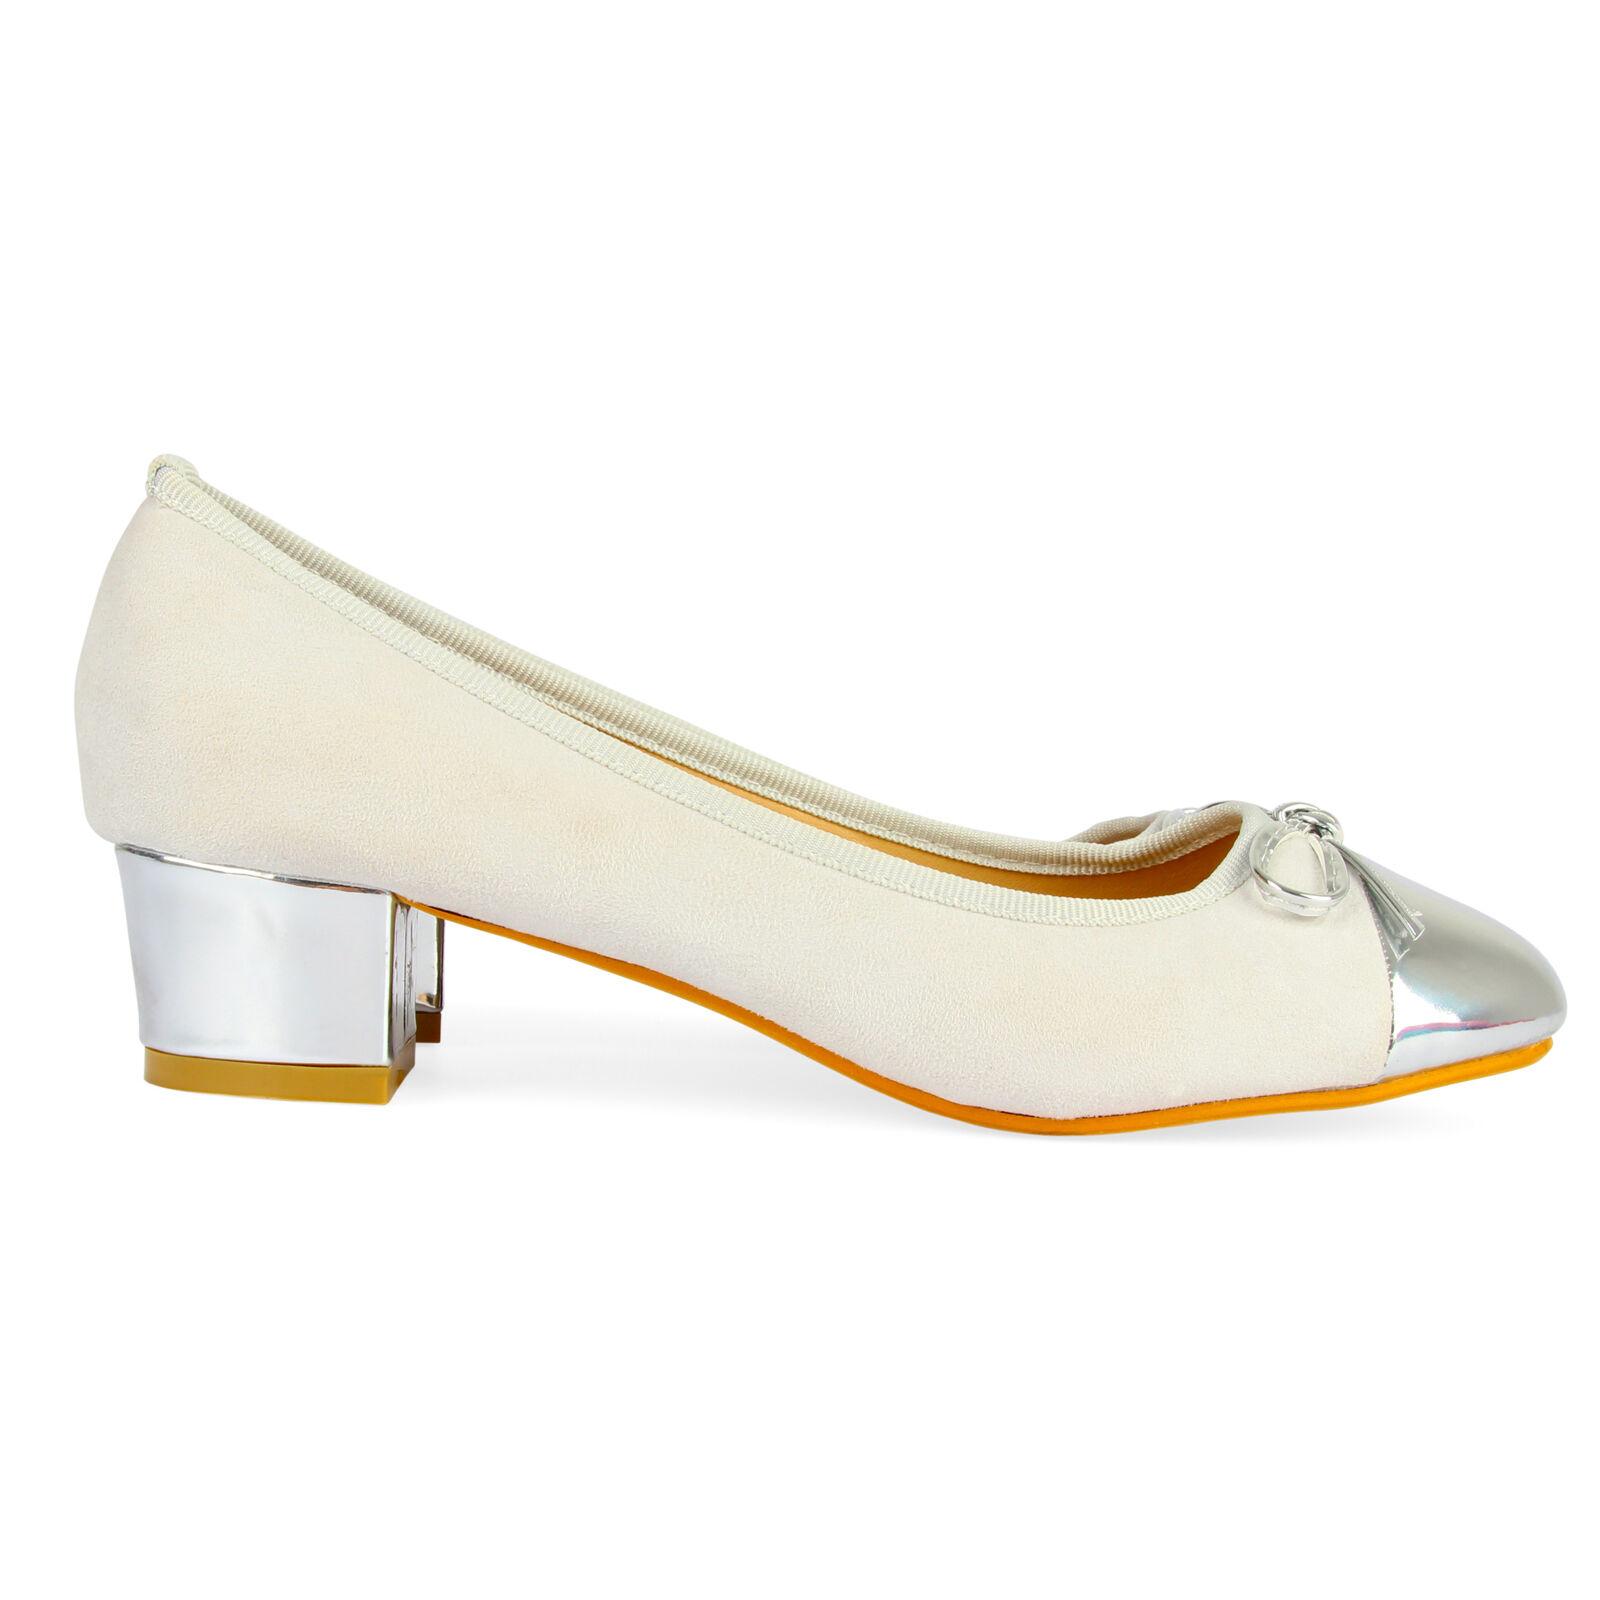 New Women/'s Mid Heel Court Shoes Ladies Block Heels Office Ballet Party Pumps